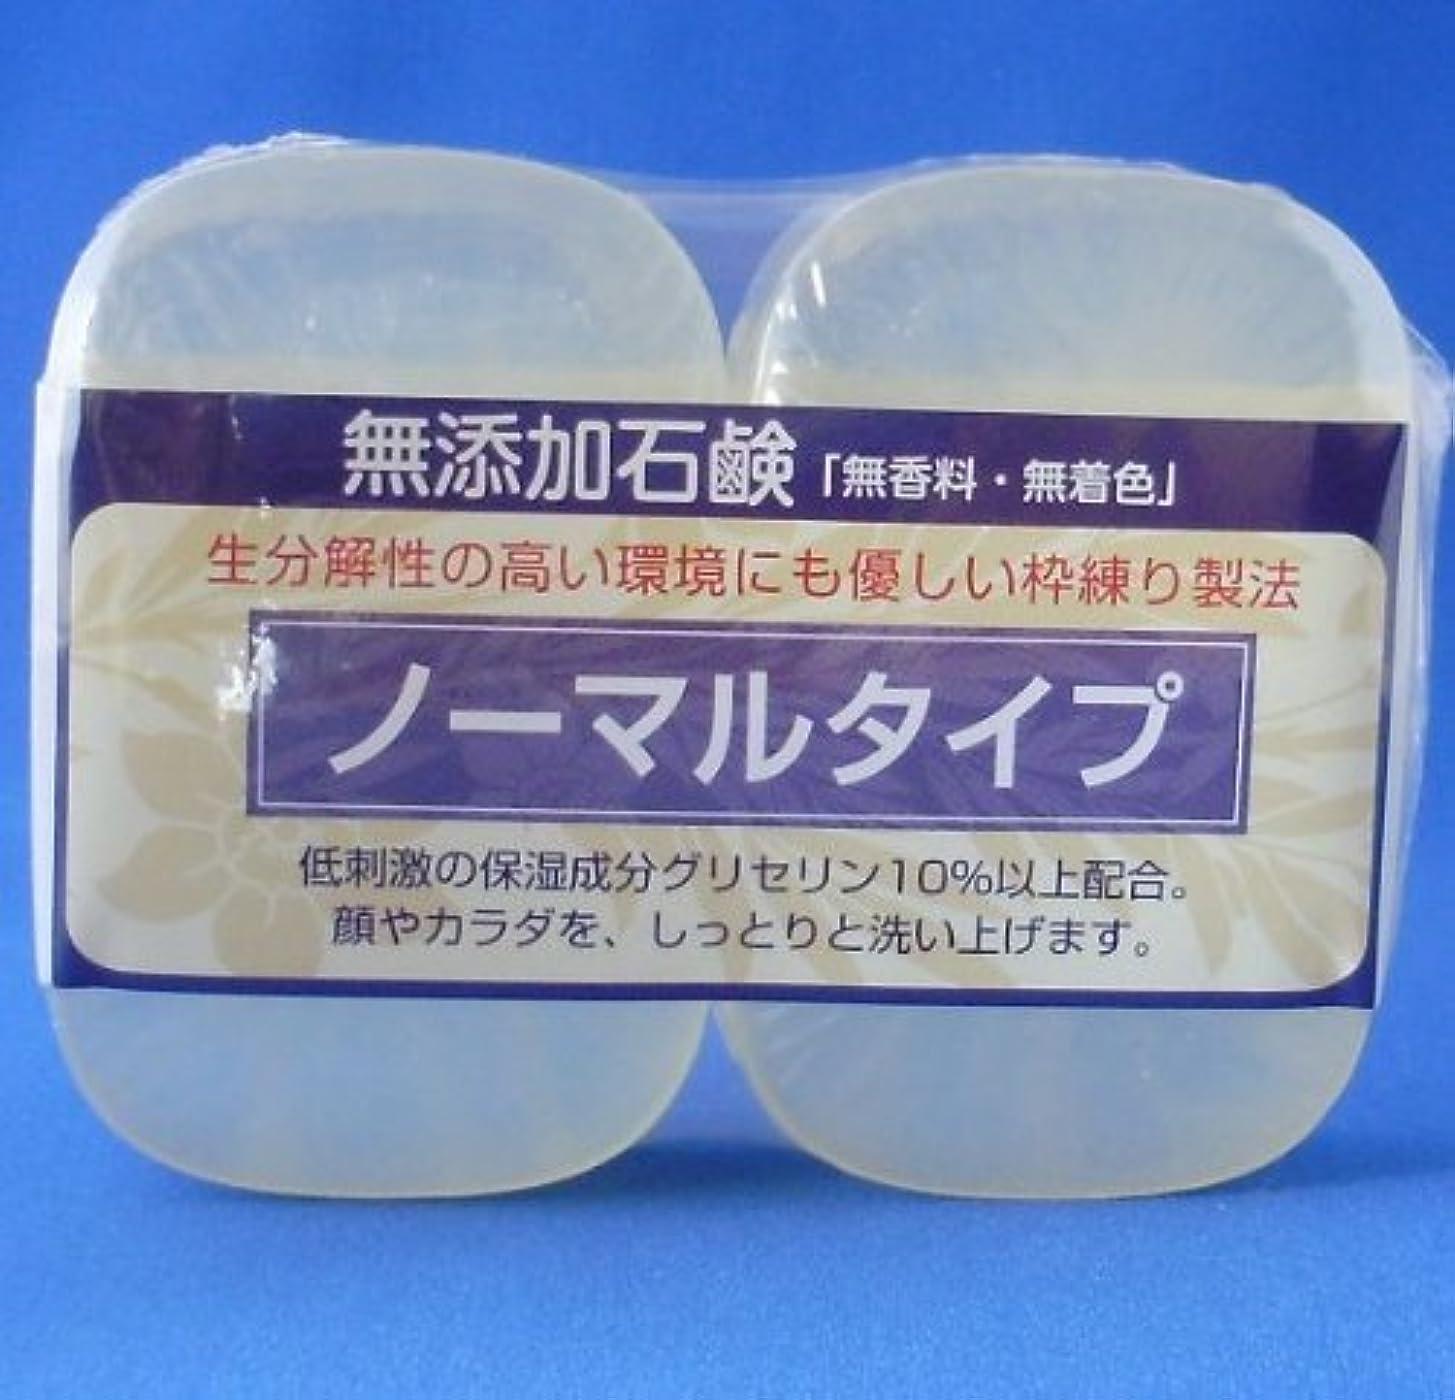 ペリスコープパール光無添加石鹸 ノーマルタイプ 90g×2個